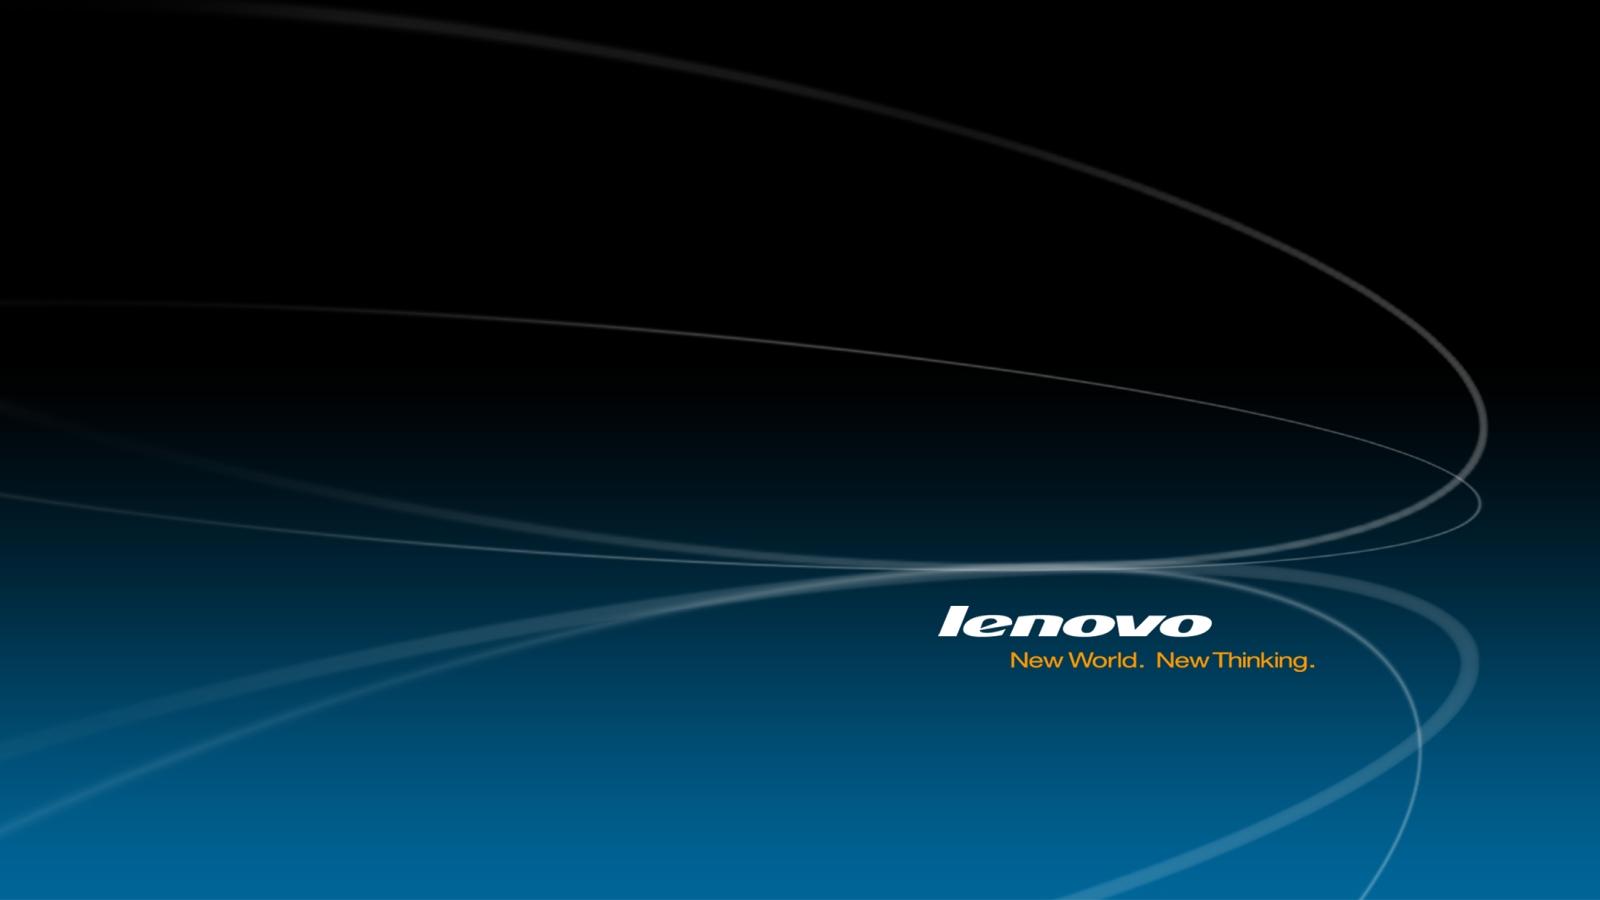 Lenovo Hd Wallpaper: Lenovo Wallpaper For My Desktop